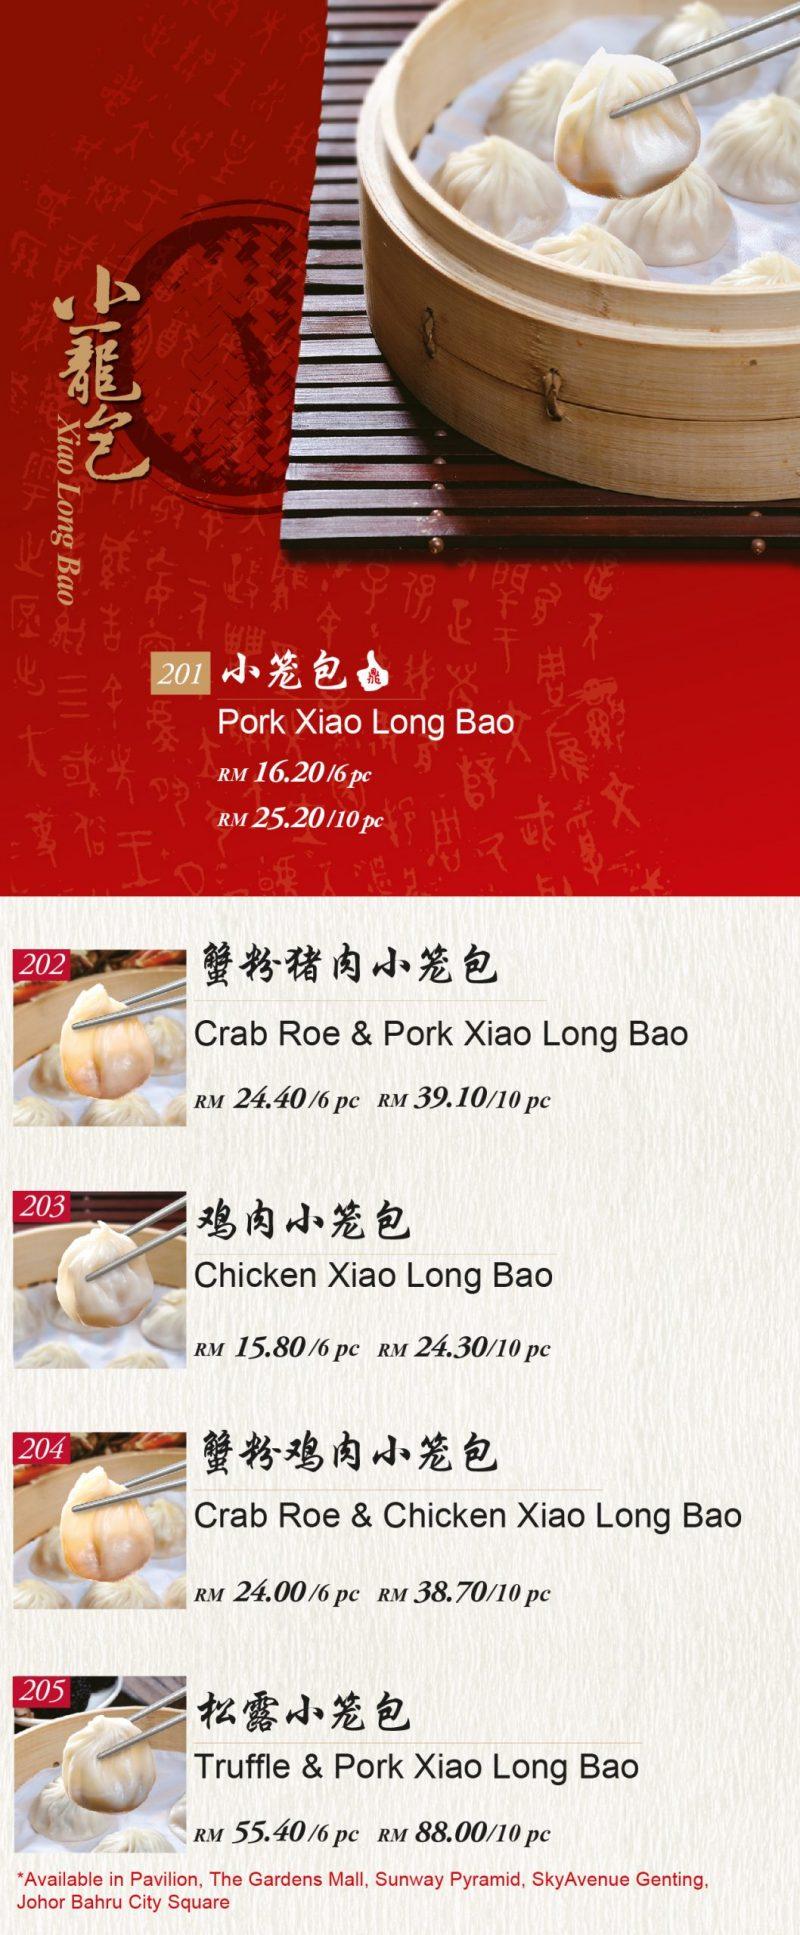 (04)DTF Xiao Long Bao